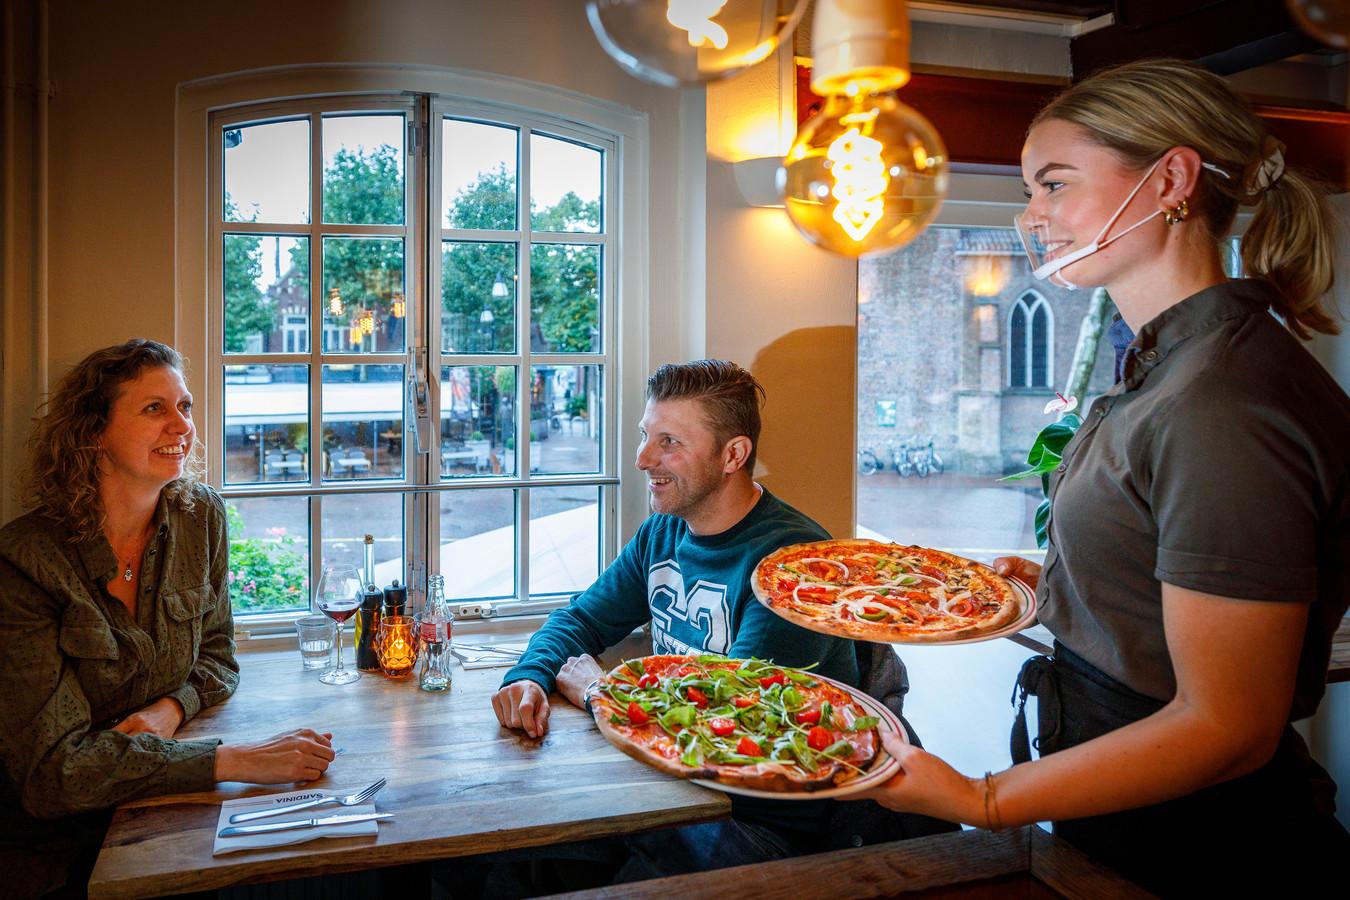 Natuurlijk serveert Ristorante Sardinia in Meppel ook pizza's, maar er staan meer authentieke Italiaanse gerechten op het menu.